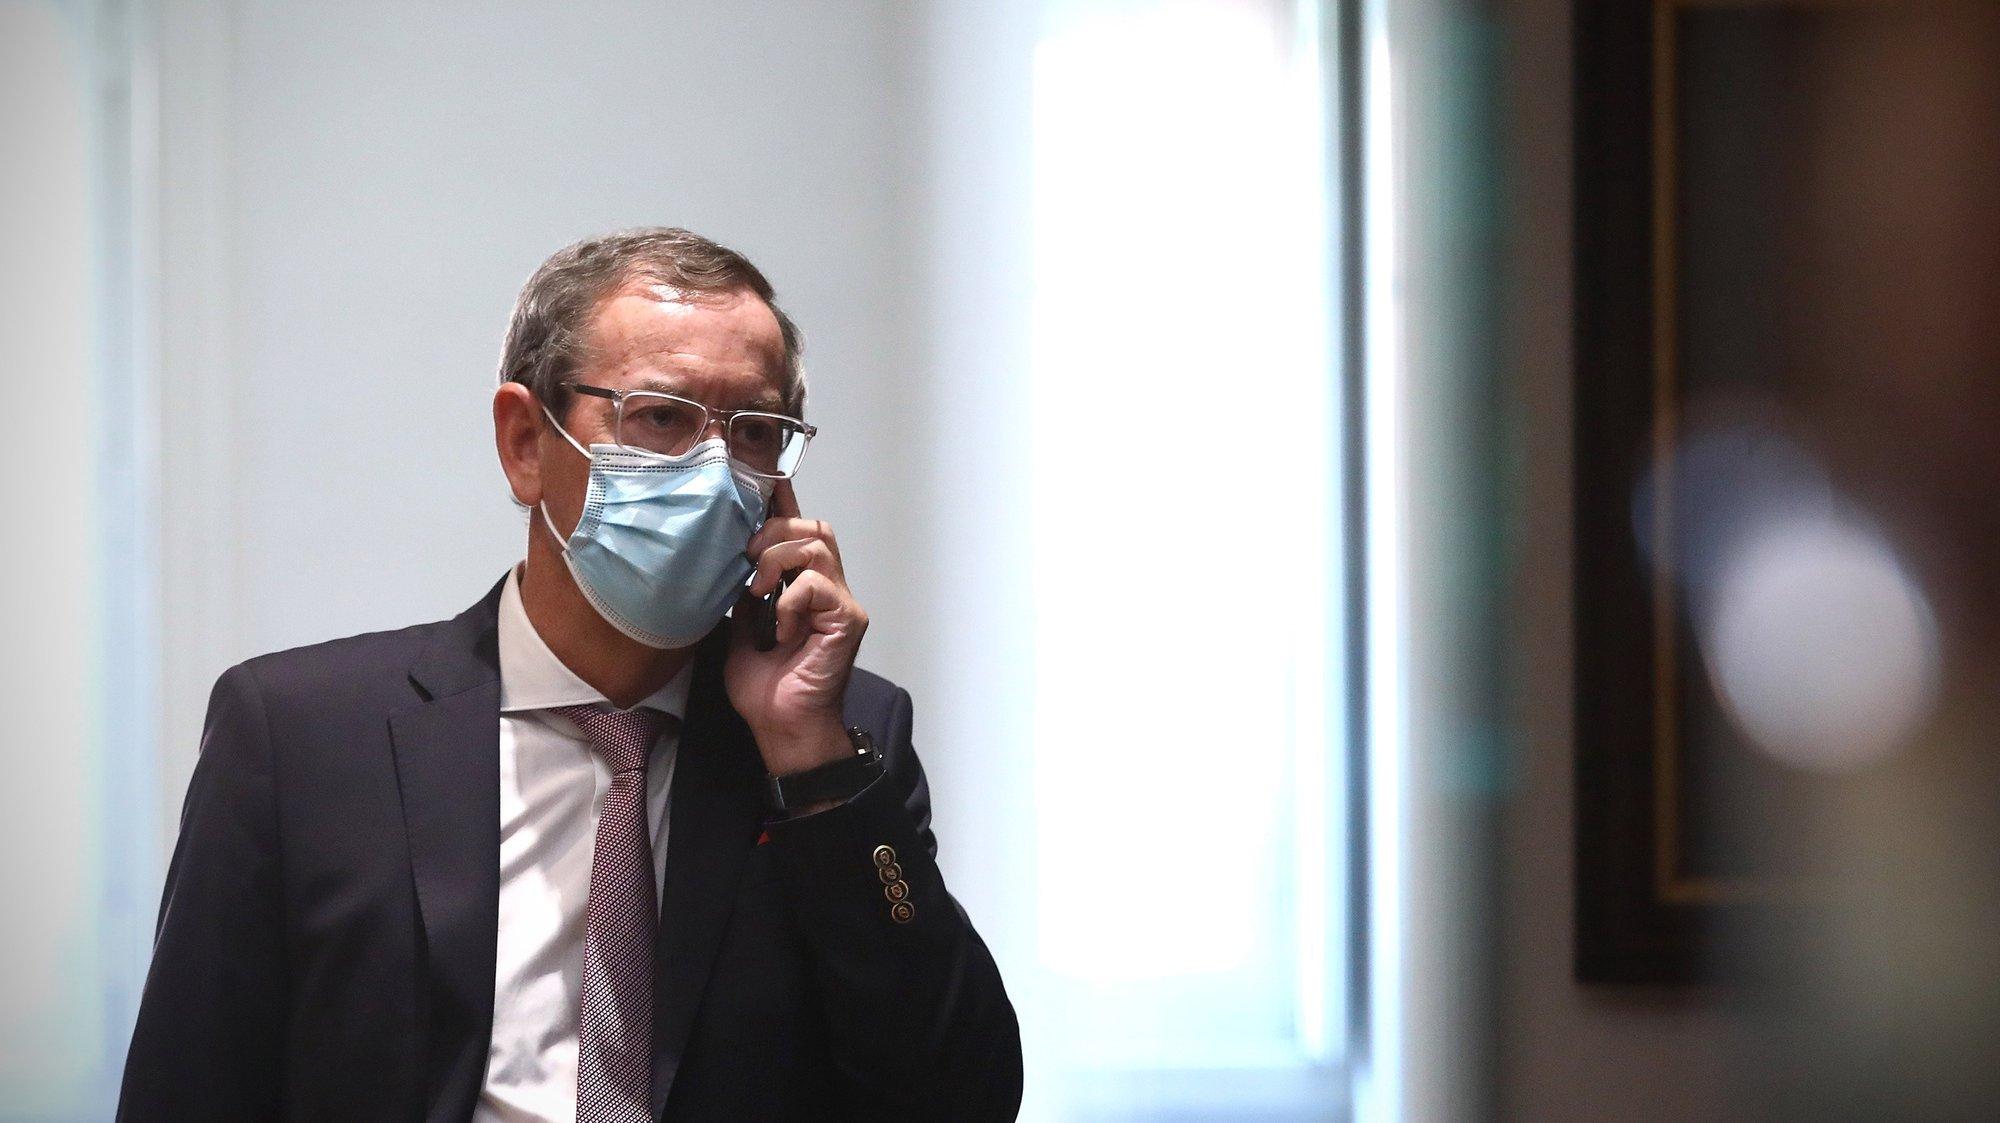 O bastonário da Ordem dos Médicos, Miguel Guimarães, no final de uma conferência de imprensa de apresentação do novo indicador de avaliação do estado da pandemia, numa parceria com o Instituto Superior Técnico, em Lisboa, 14 de julho de 2021. ANTÓNIO PEDRO SANTOS/LUSA